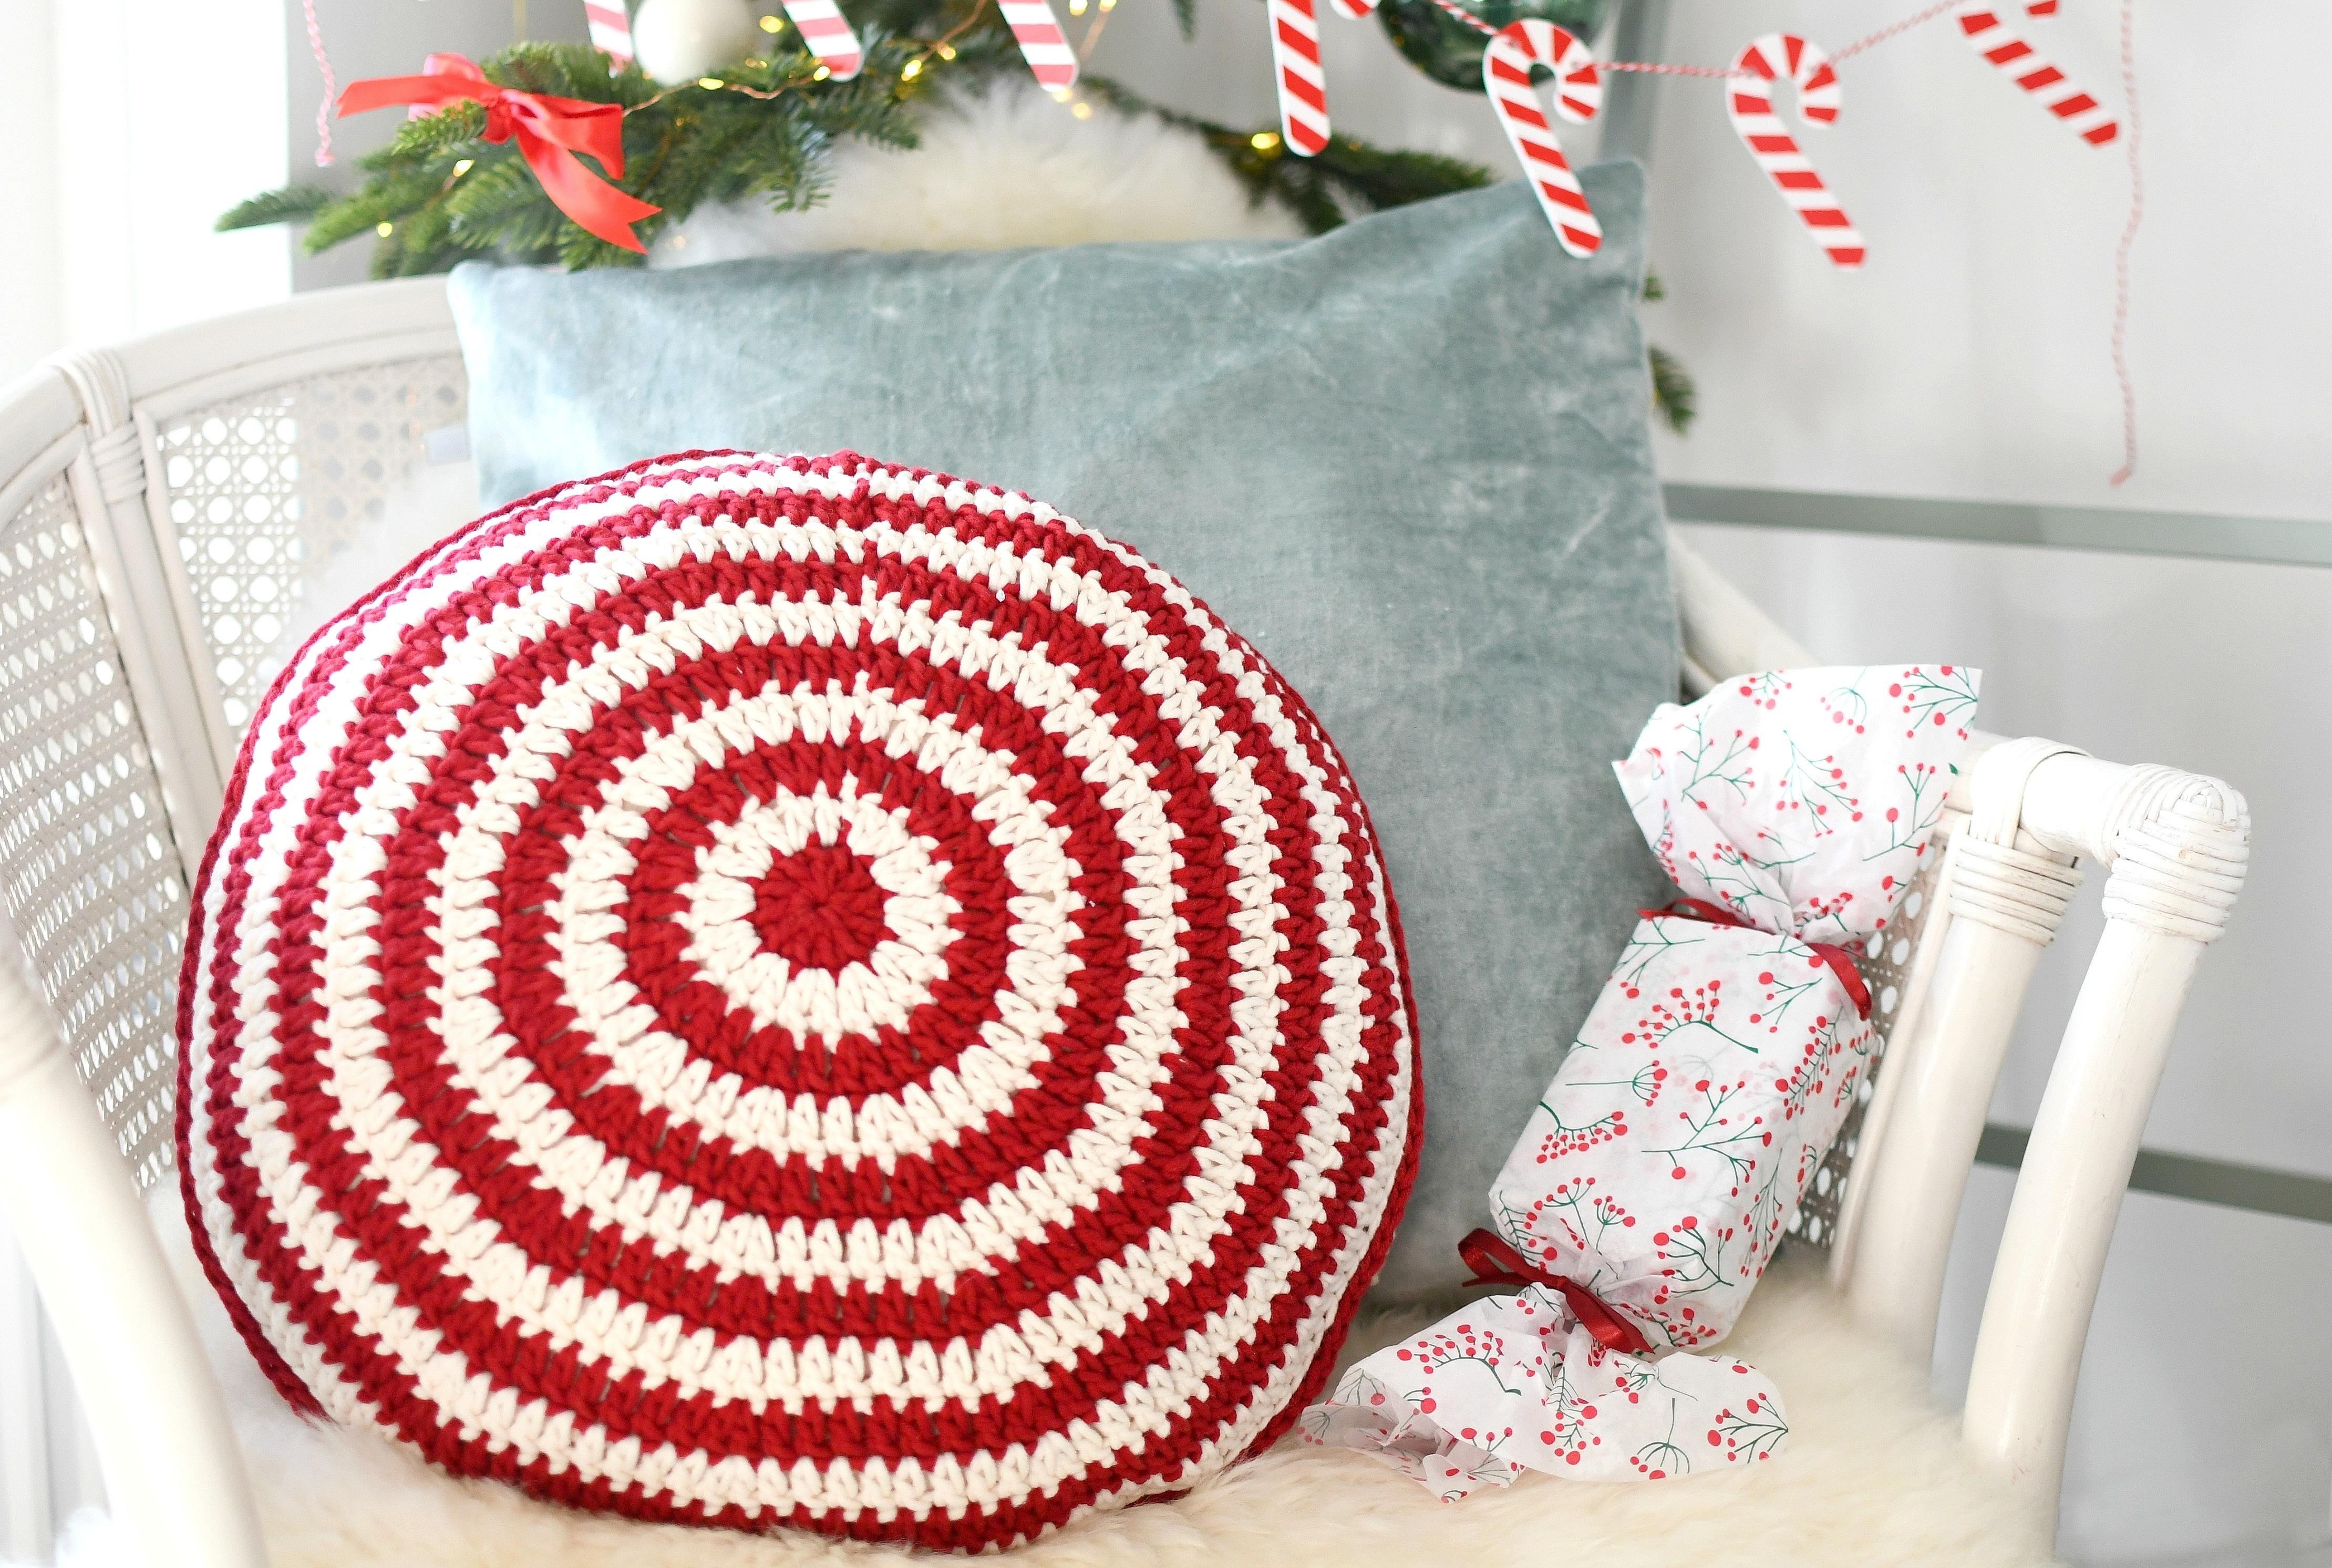 Kerst Kussen Haken Met Candy Cane Patroontje Christmaholicnl